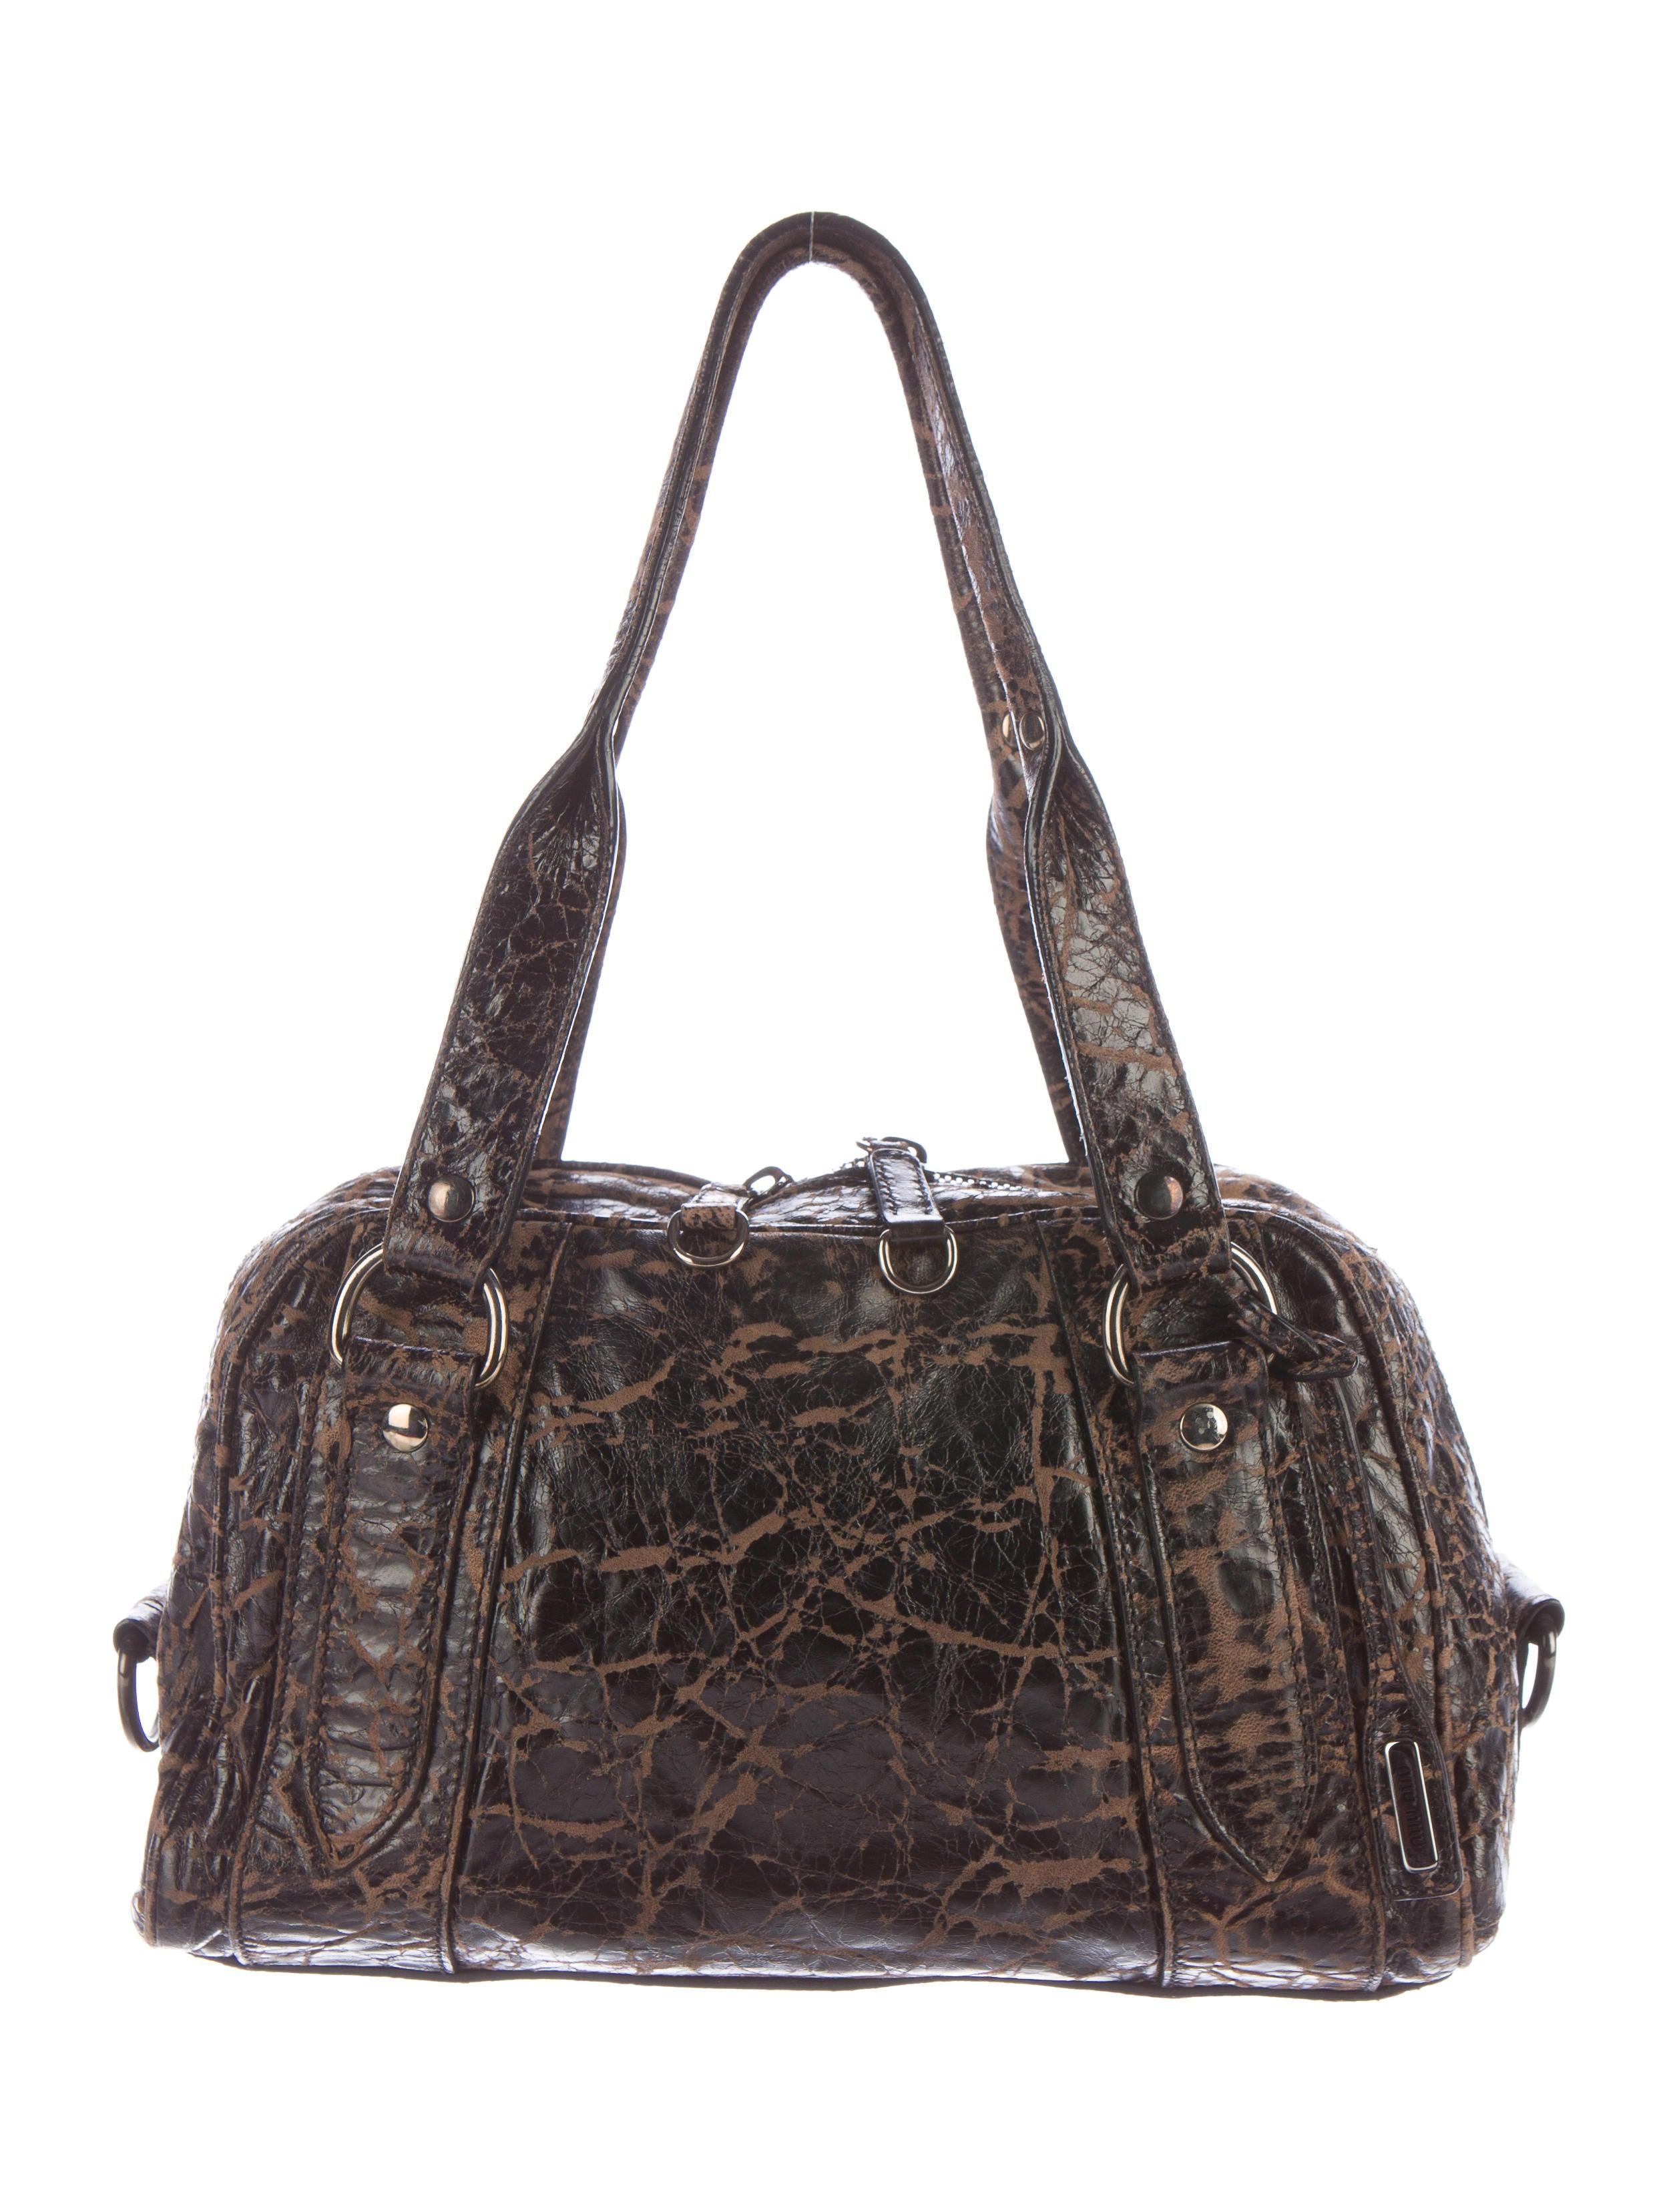 Miu Miu Distressed Leather Shoulder Bag - Handbags - MIU43496  2c54f50c4ad12